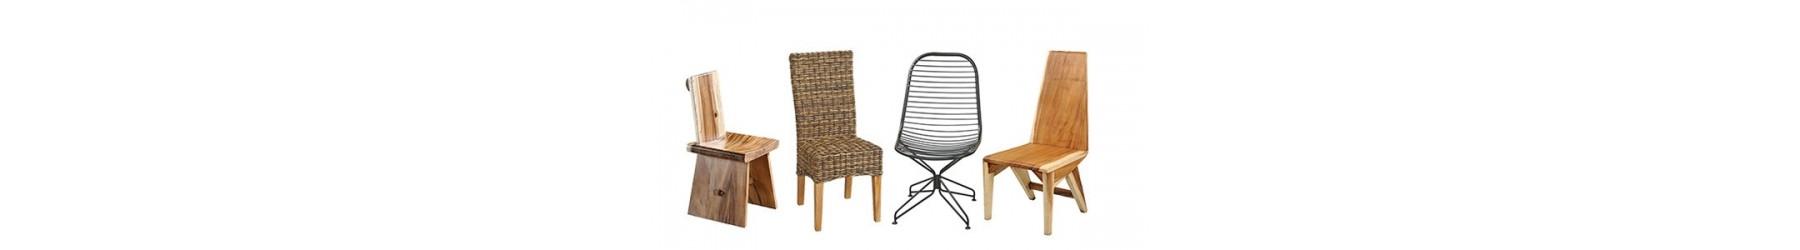 Καρέκλες σε μεγάλη ποικιλία προτάσεων και σχεδιασμού.